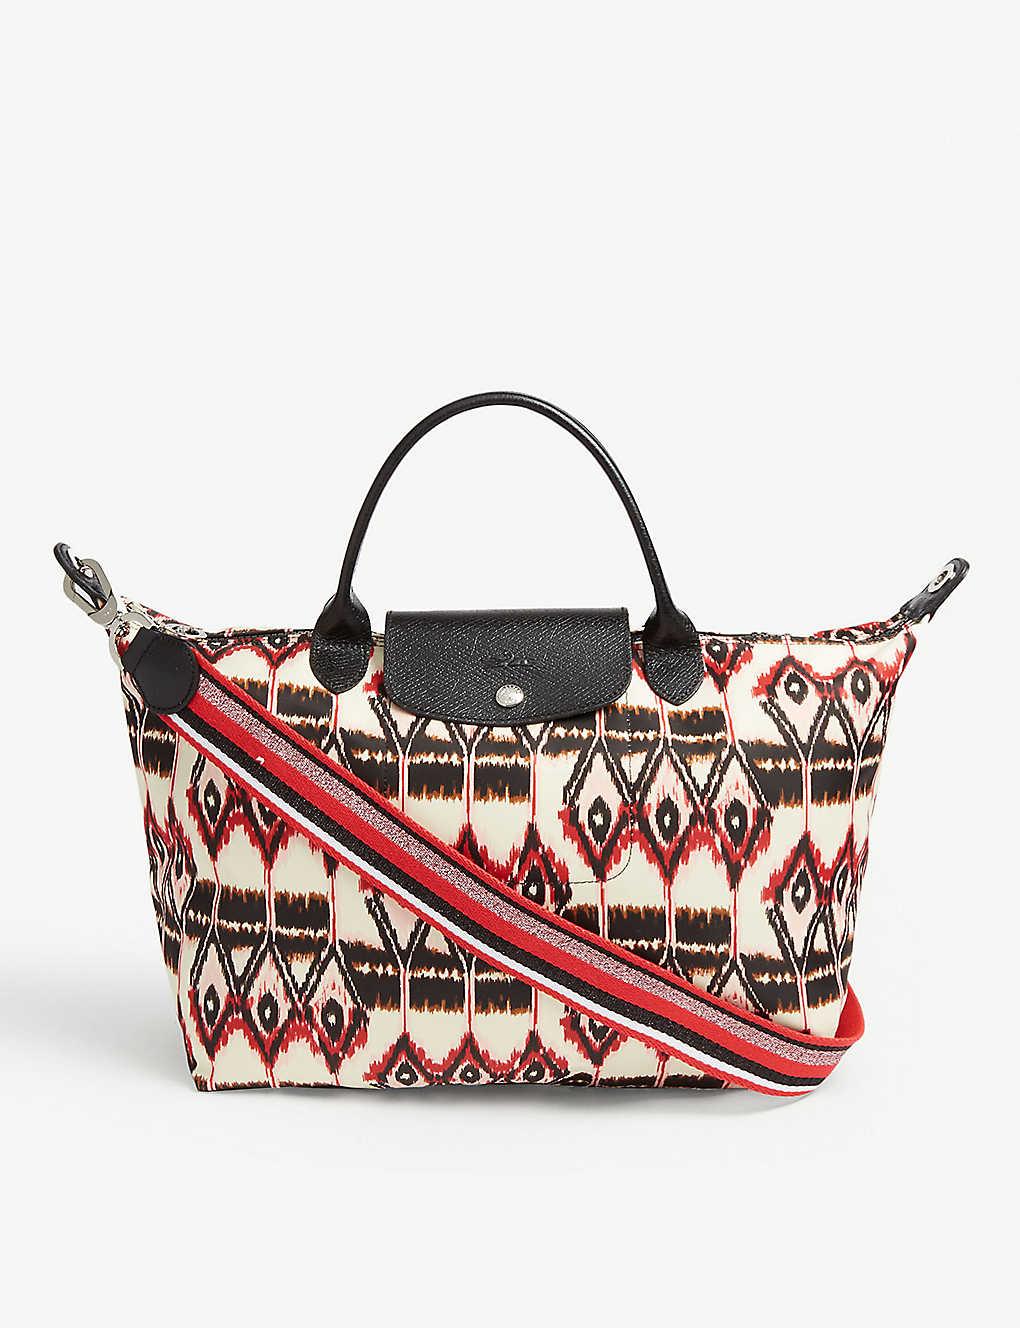 LONGCHAMP - Le Pliage Ikat top handle bag  41c9190f821a2